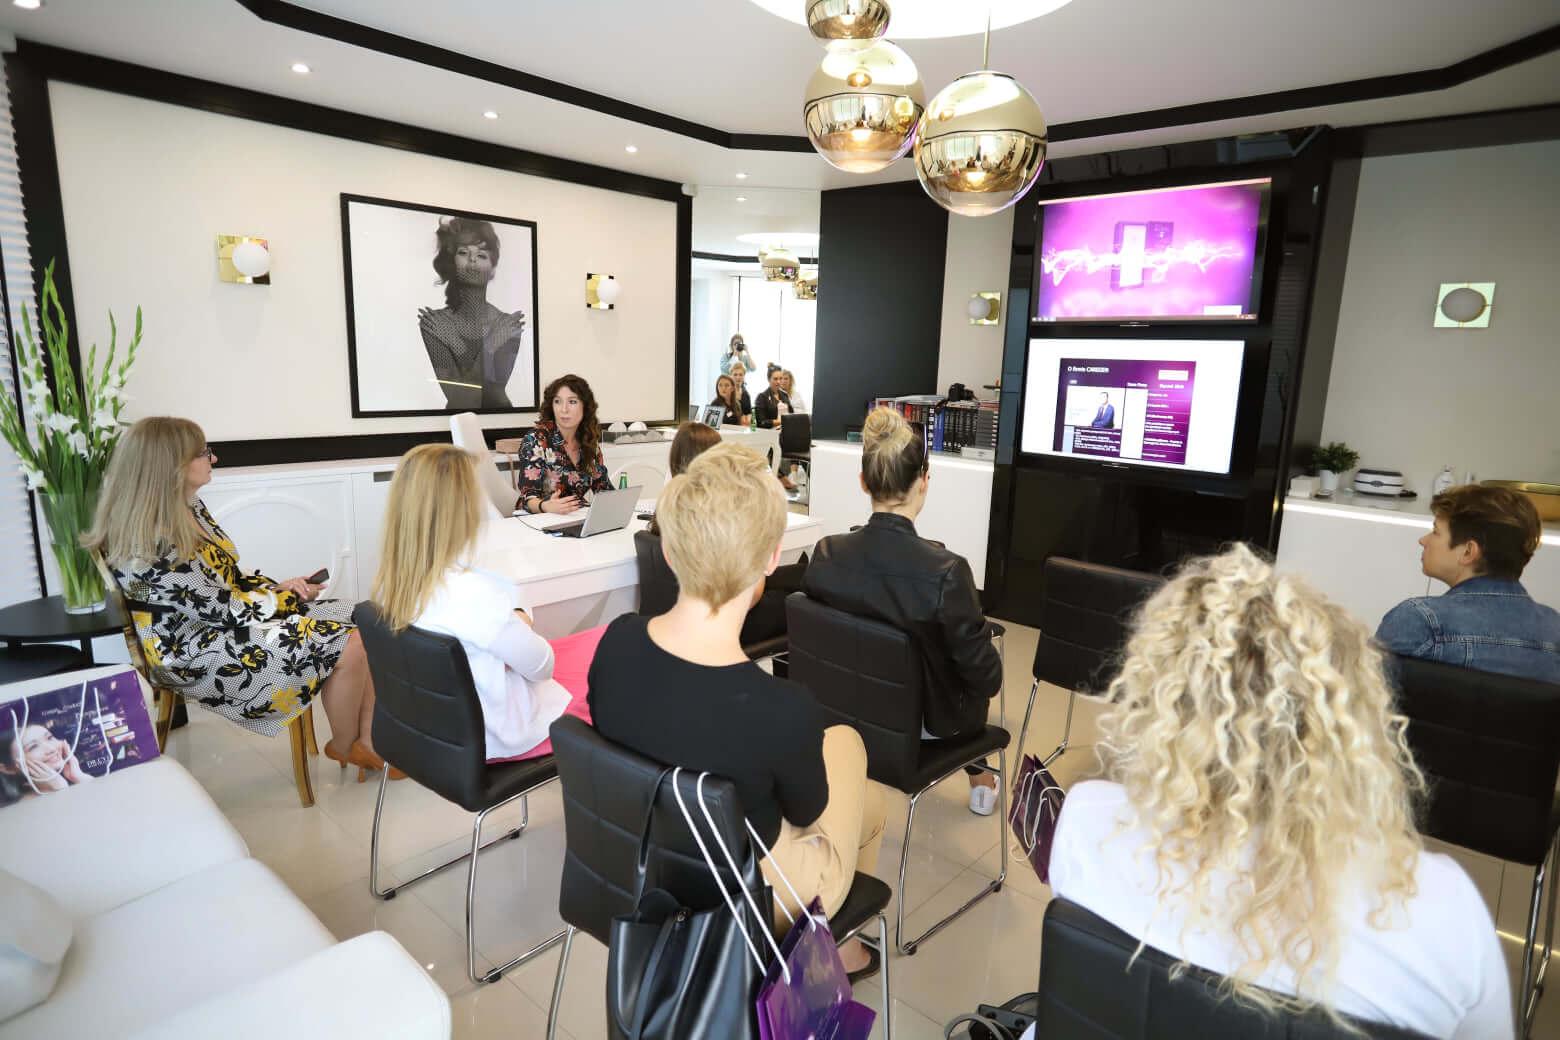 Konferencja Zdrowe Włosy w Klinice Promedion